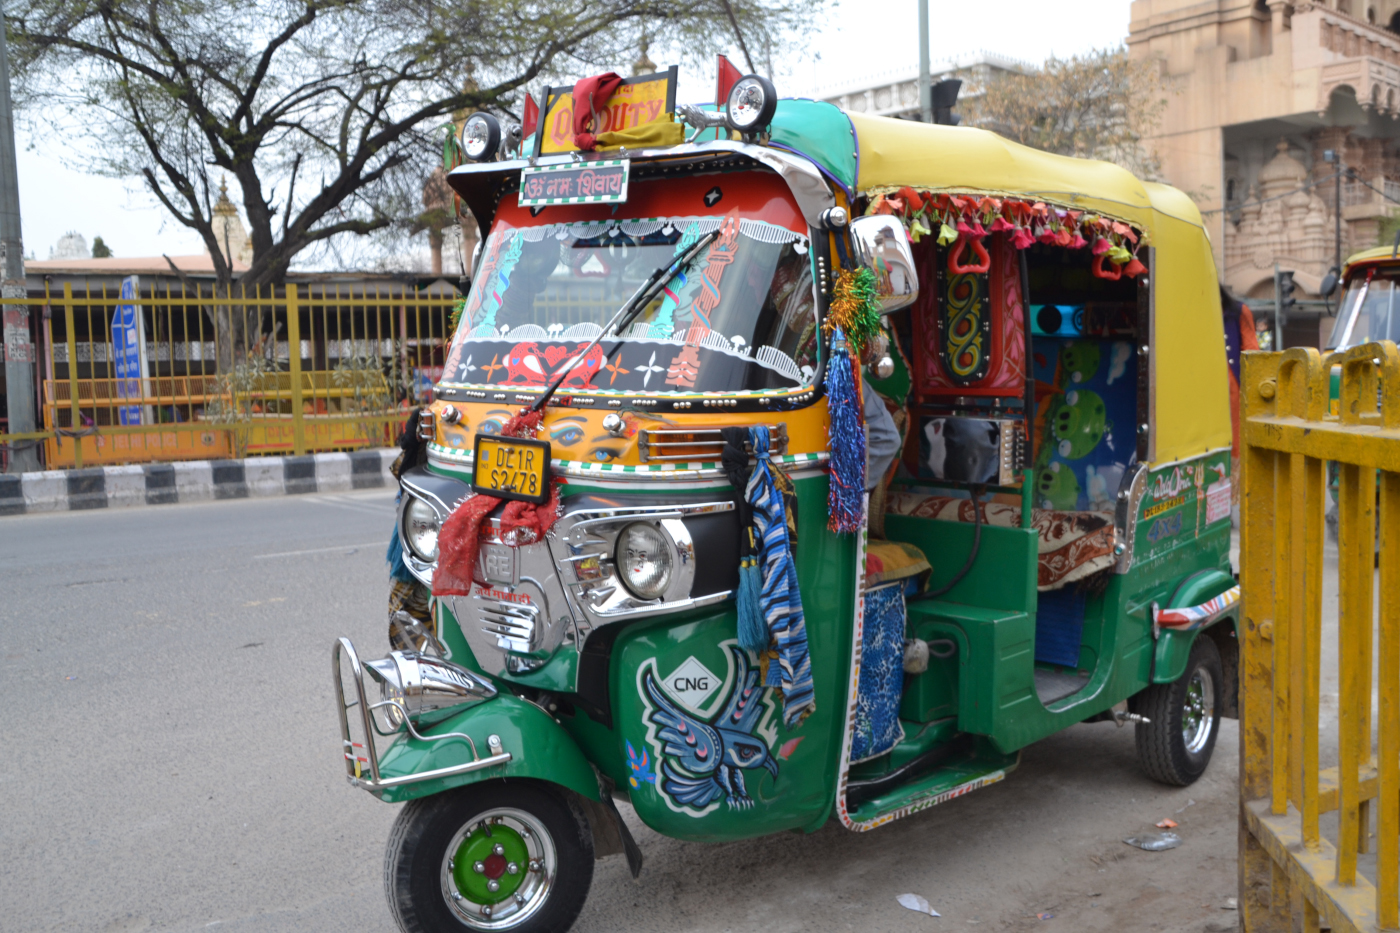 Фото 4. Сказочный вид транспорта в Дели. 1/125, 5,6, 250, 55.